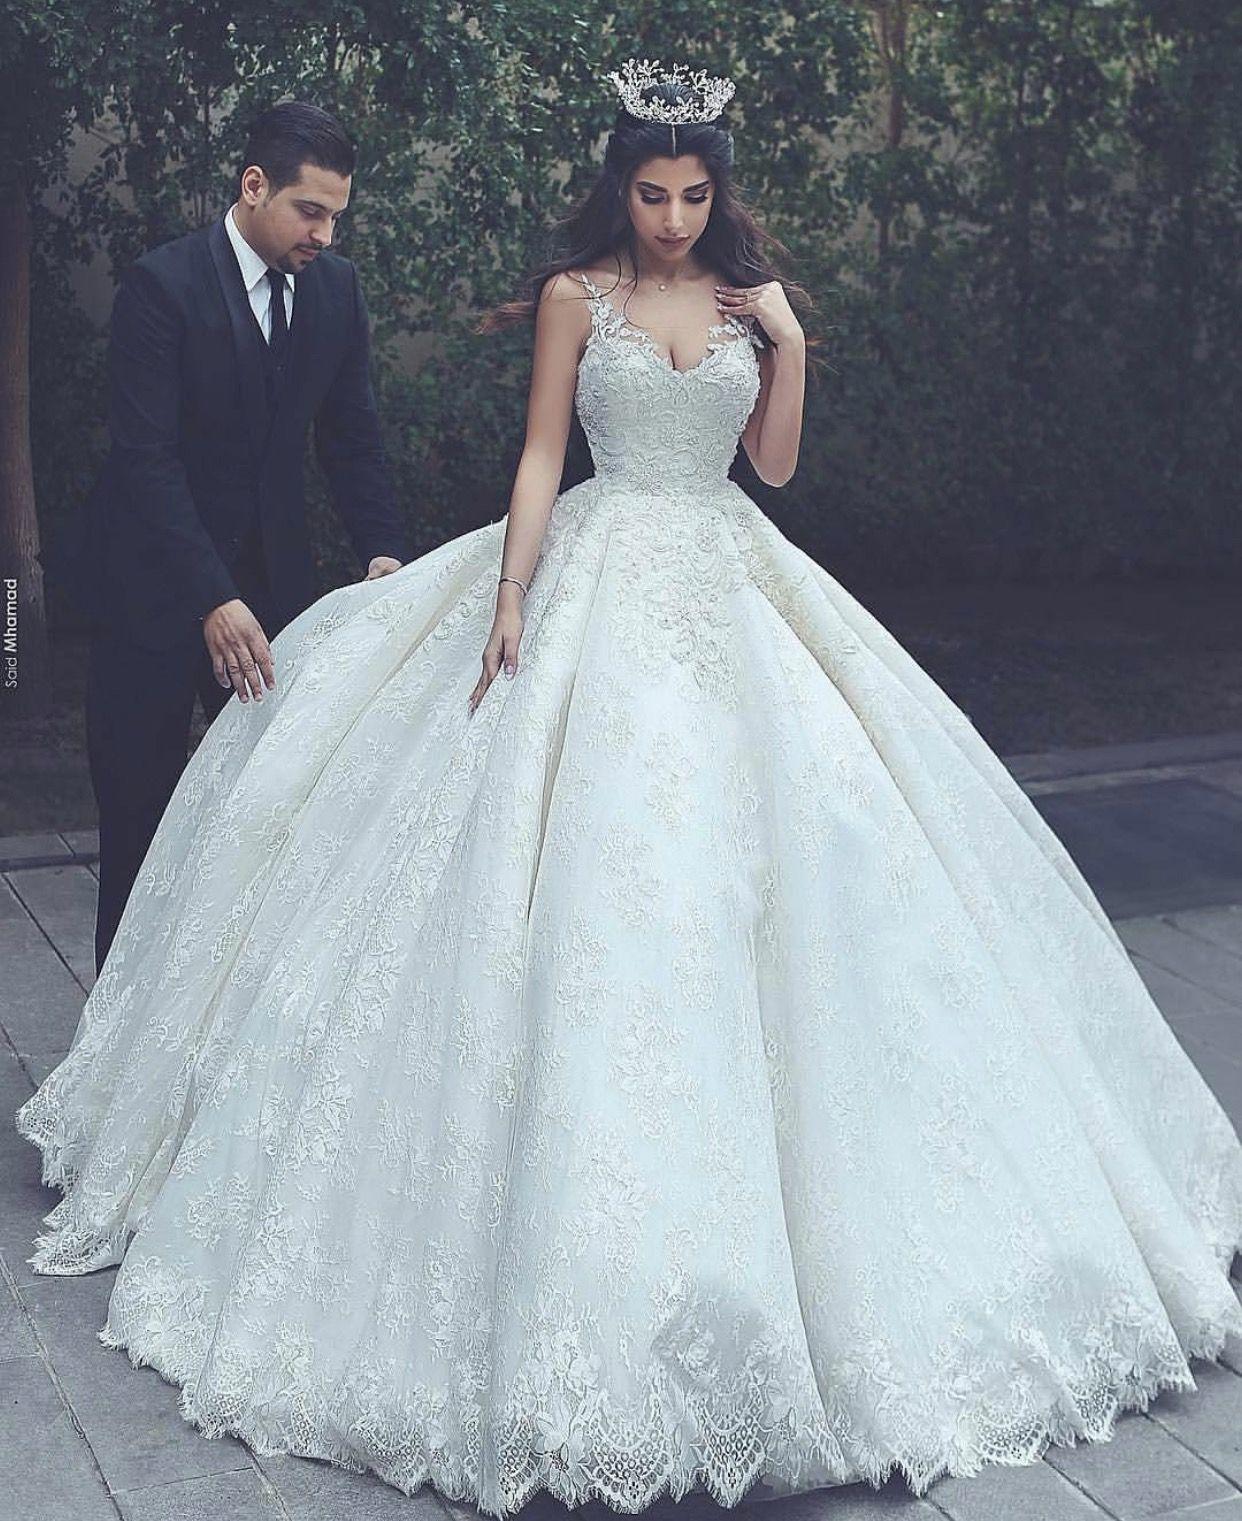 b7d1ba11a3e Noble White Lace Appliques Quinceanera Dresses